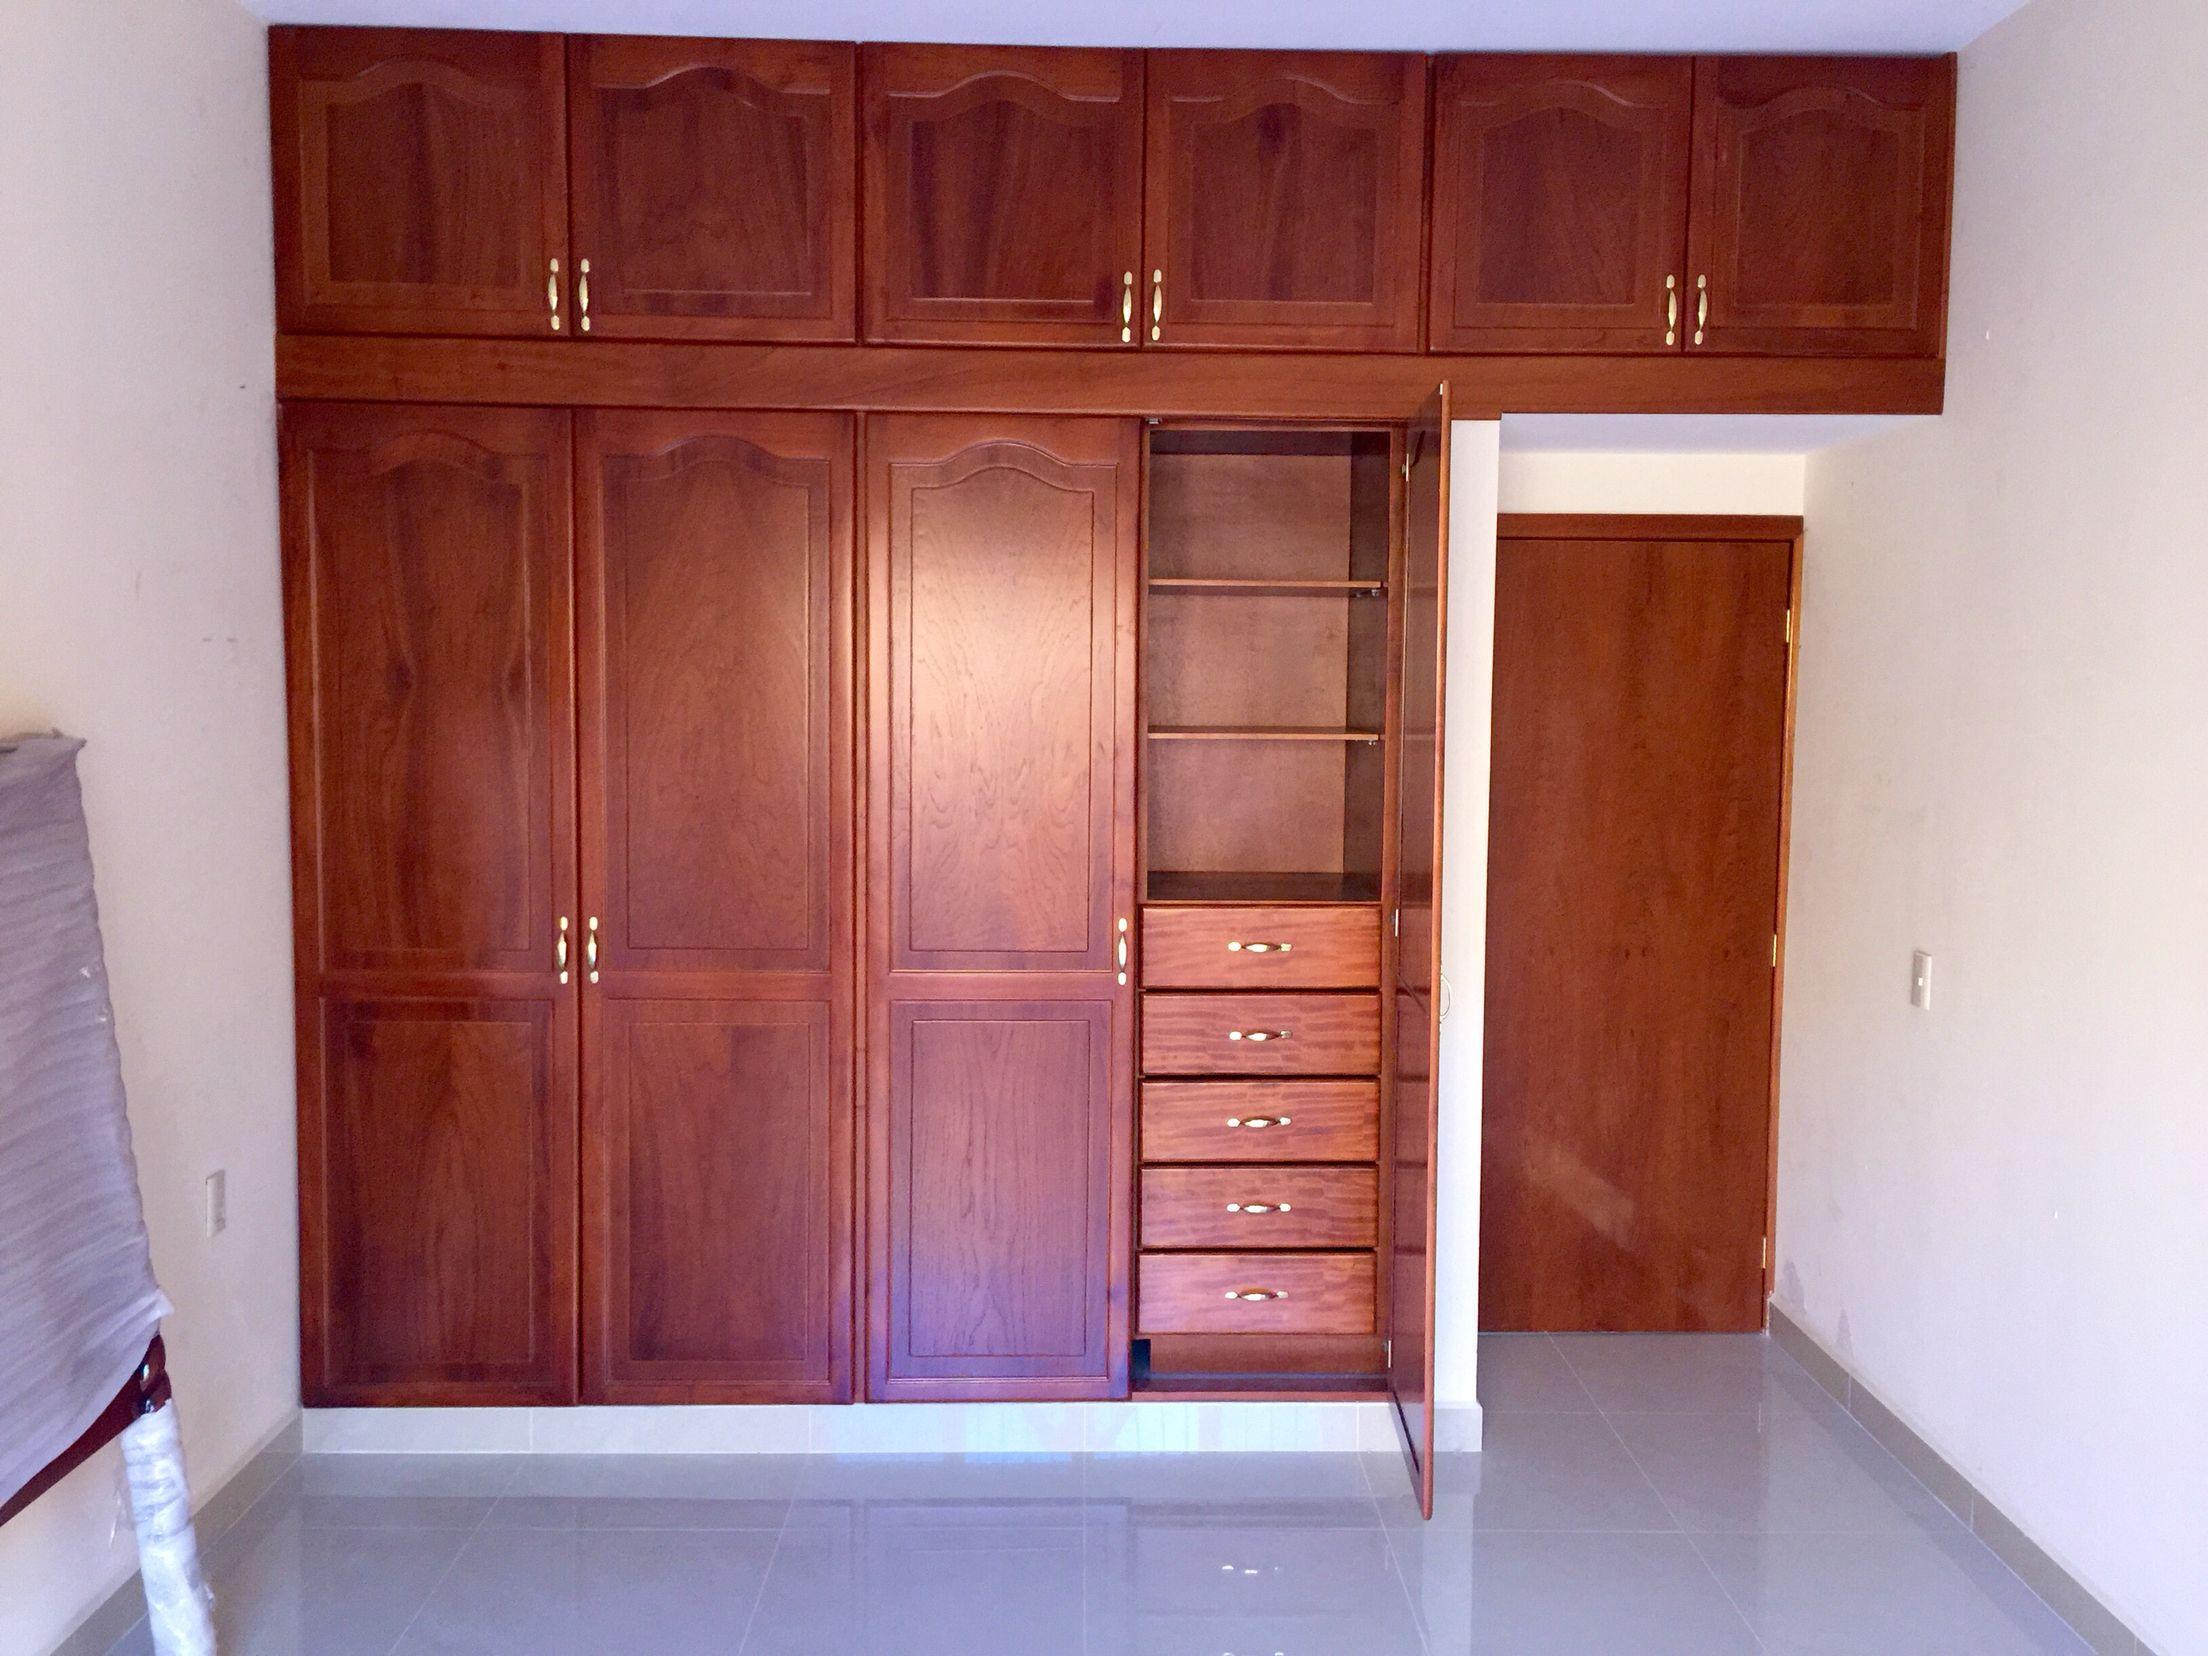 Cl set de cedro con puertas estilo catedral puertas for Estilos de puertas de madera